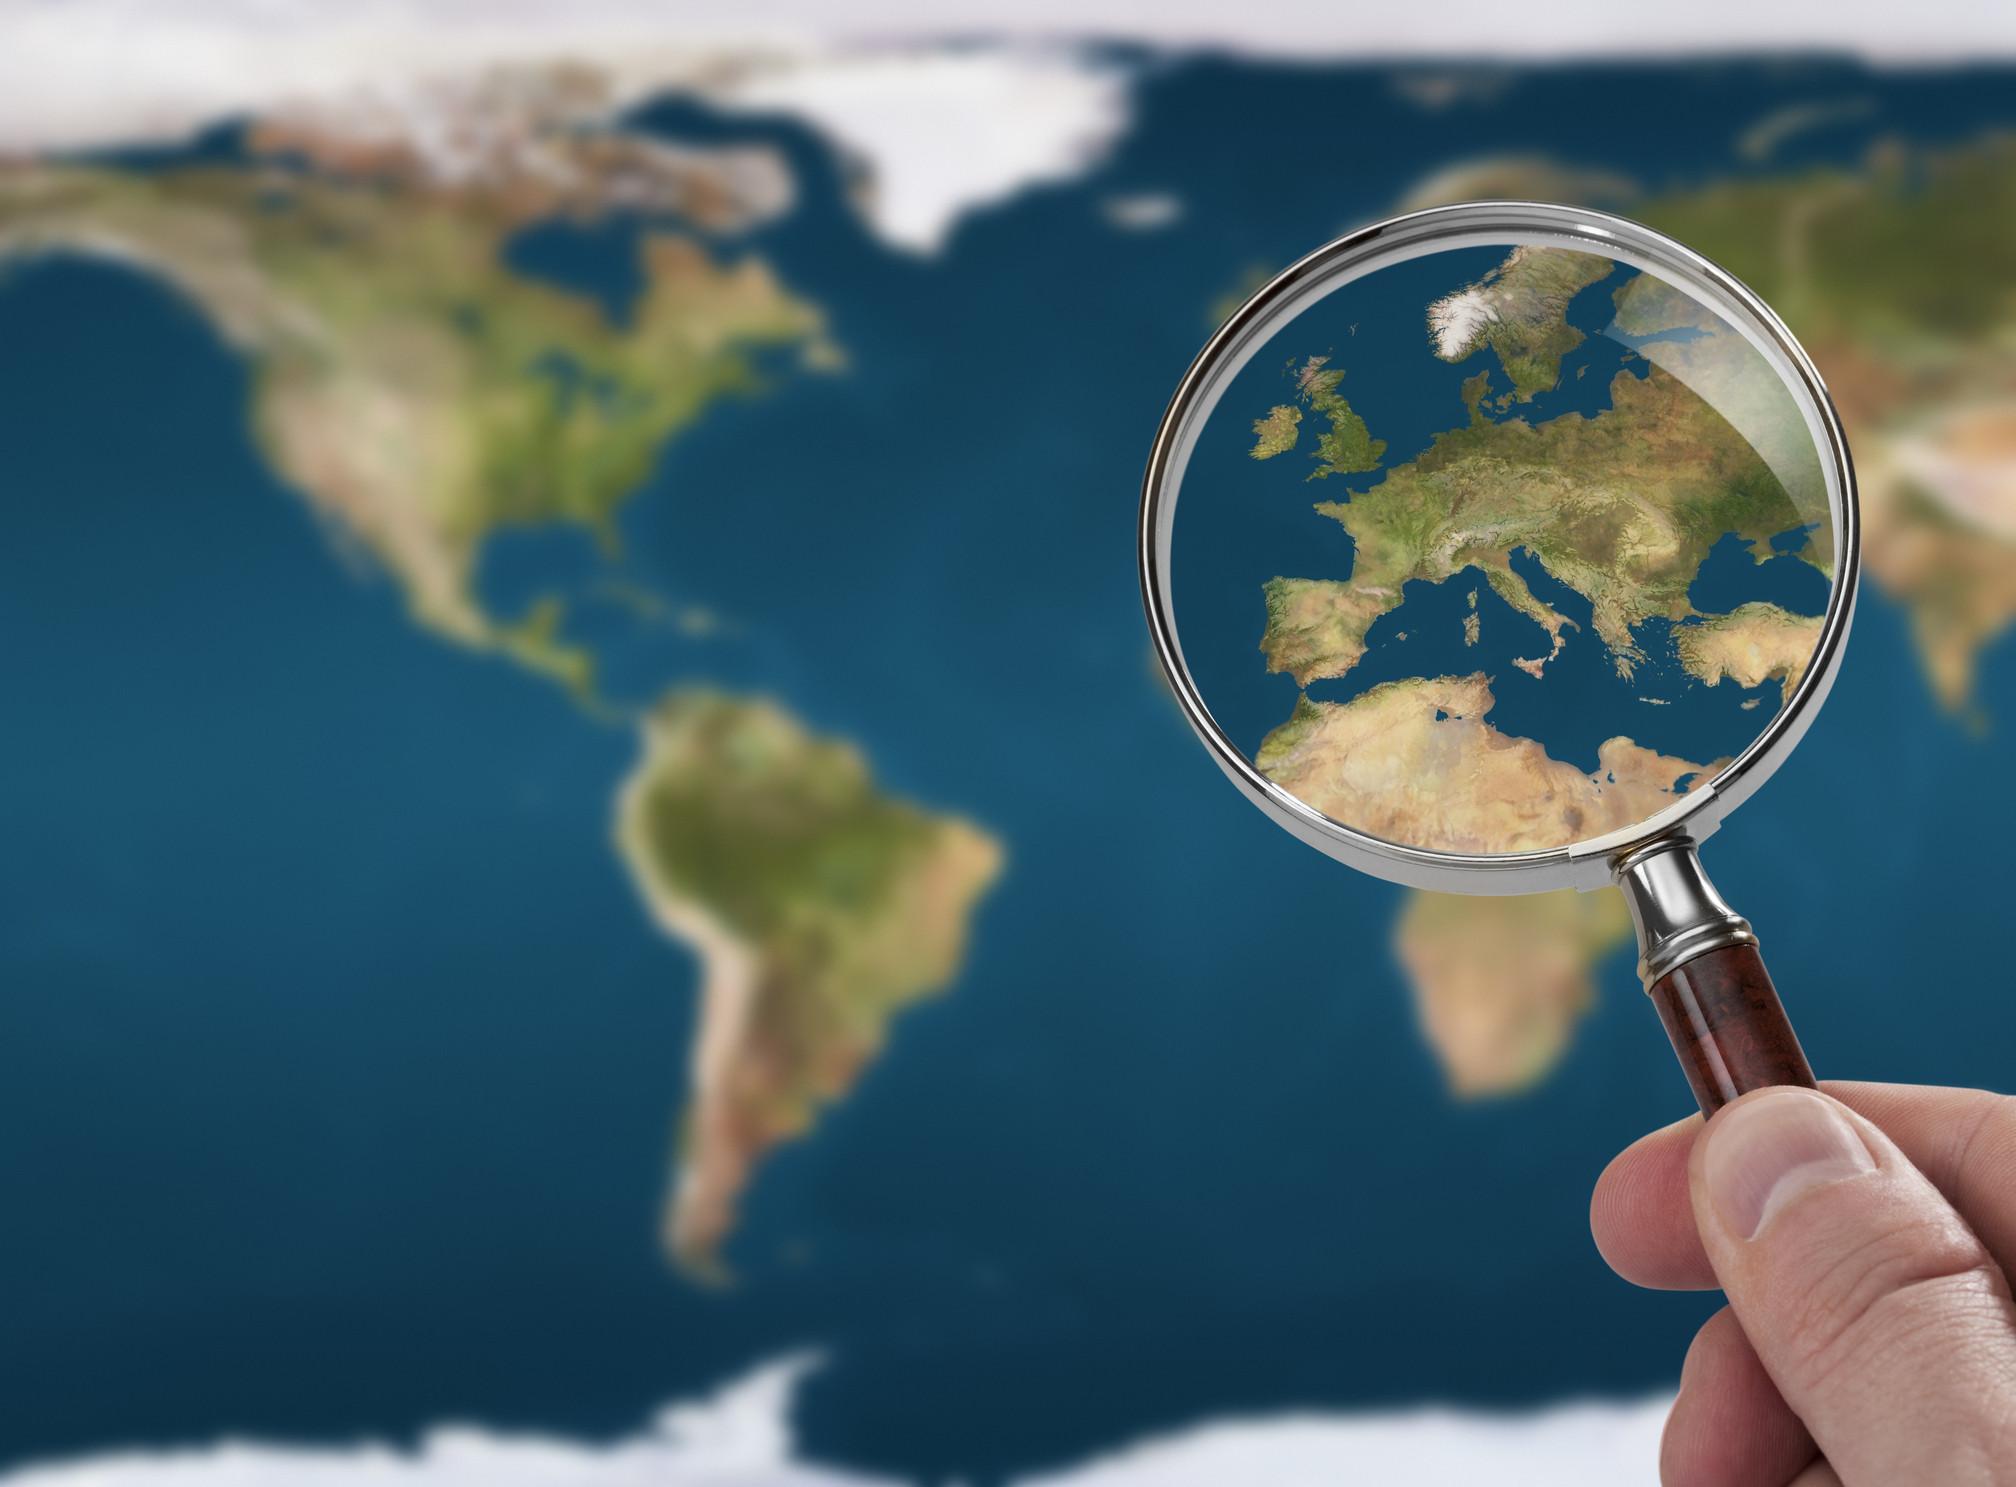 Organização alemã quer negócios com países africanos de língua portuguesa